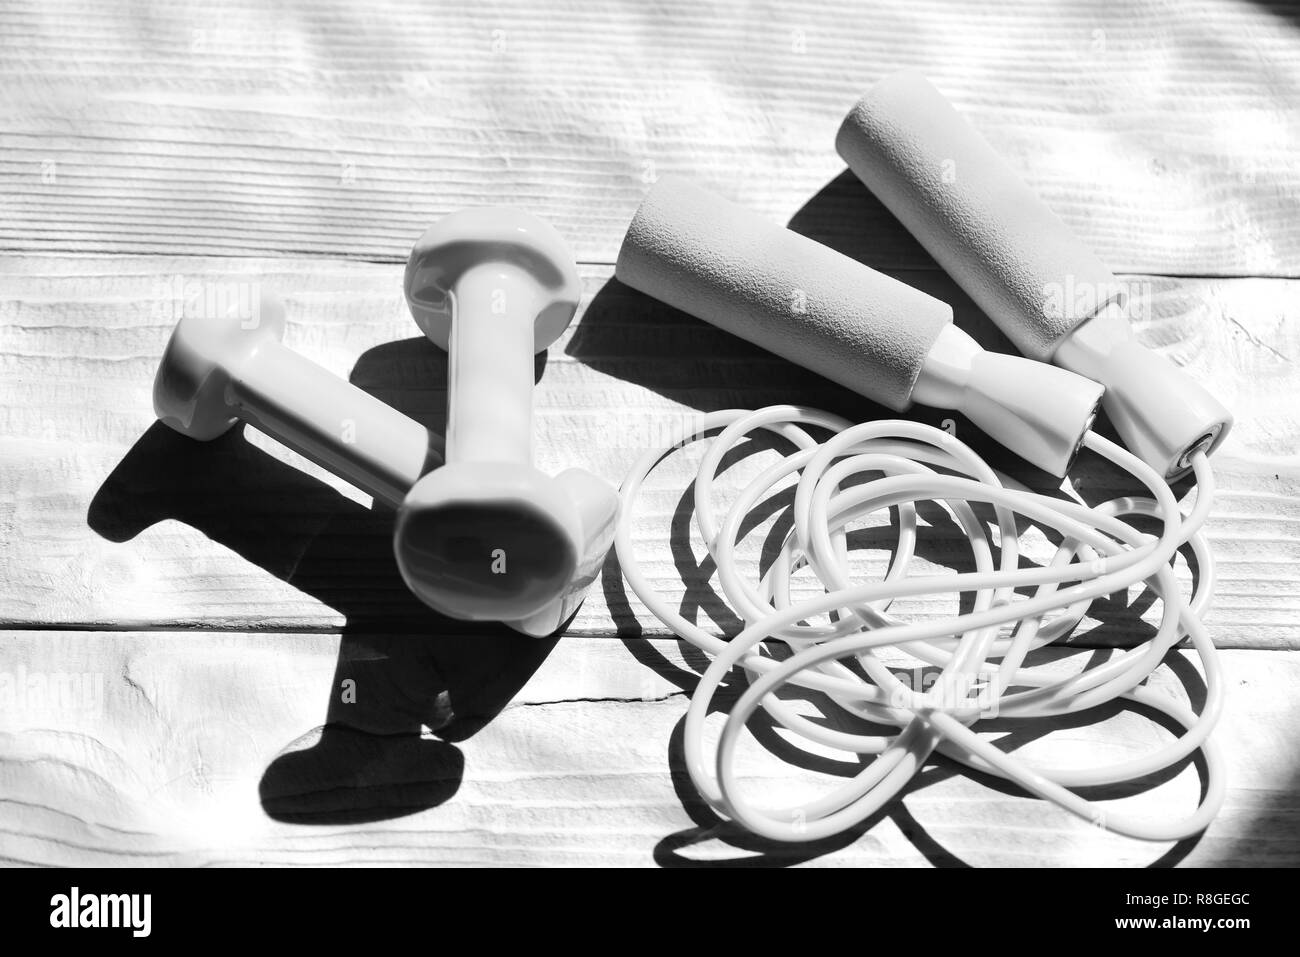 Hanteln und unordentliche Springseil platziert quer. Gesunde Form und Sport Konzept. Gestaltung und Fitnessgeräte. Hanteln und Seil in Cyan blaue Farbe springen Sie auf hellen Hintergrund Stockbild